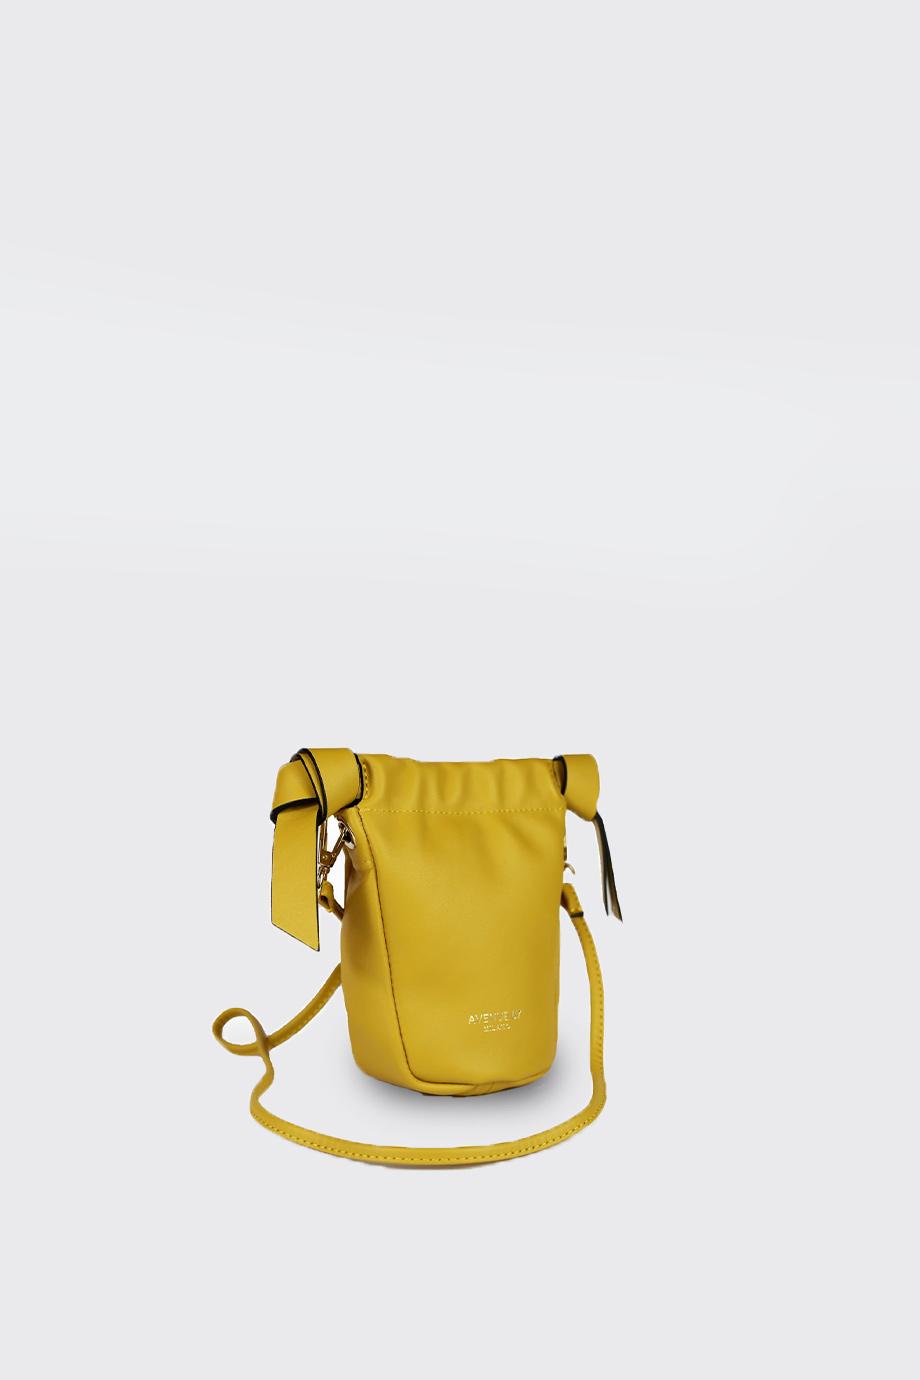 borsa pocket giallo avenue 67